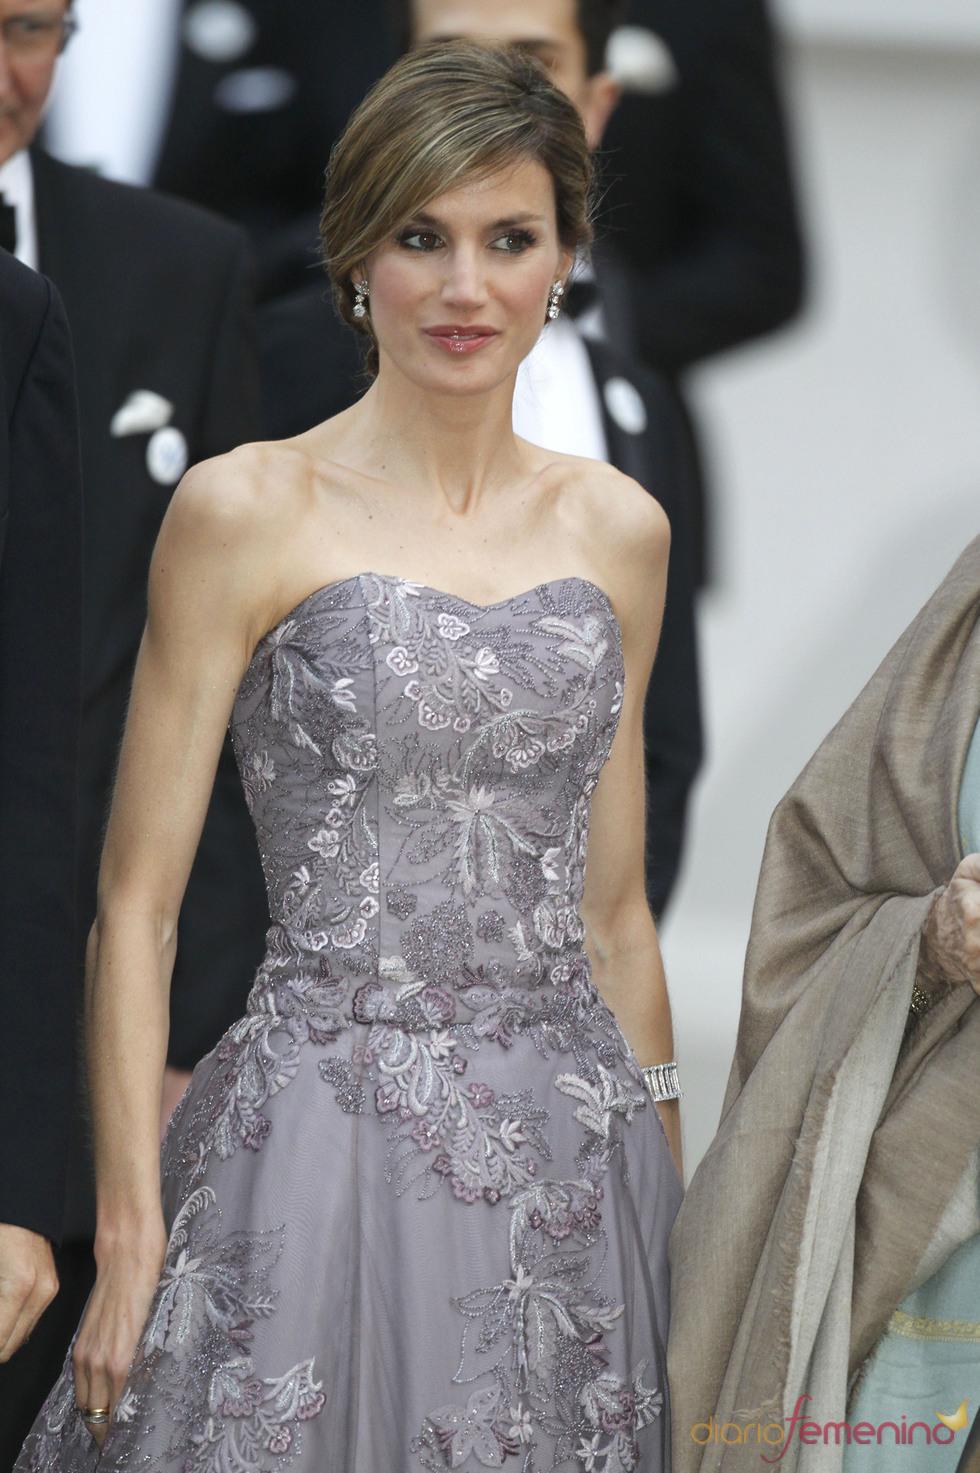 La Princesa Letizia en la cena pre-boda real de Inglaterra